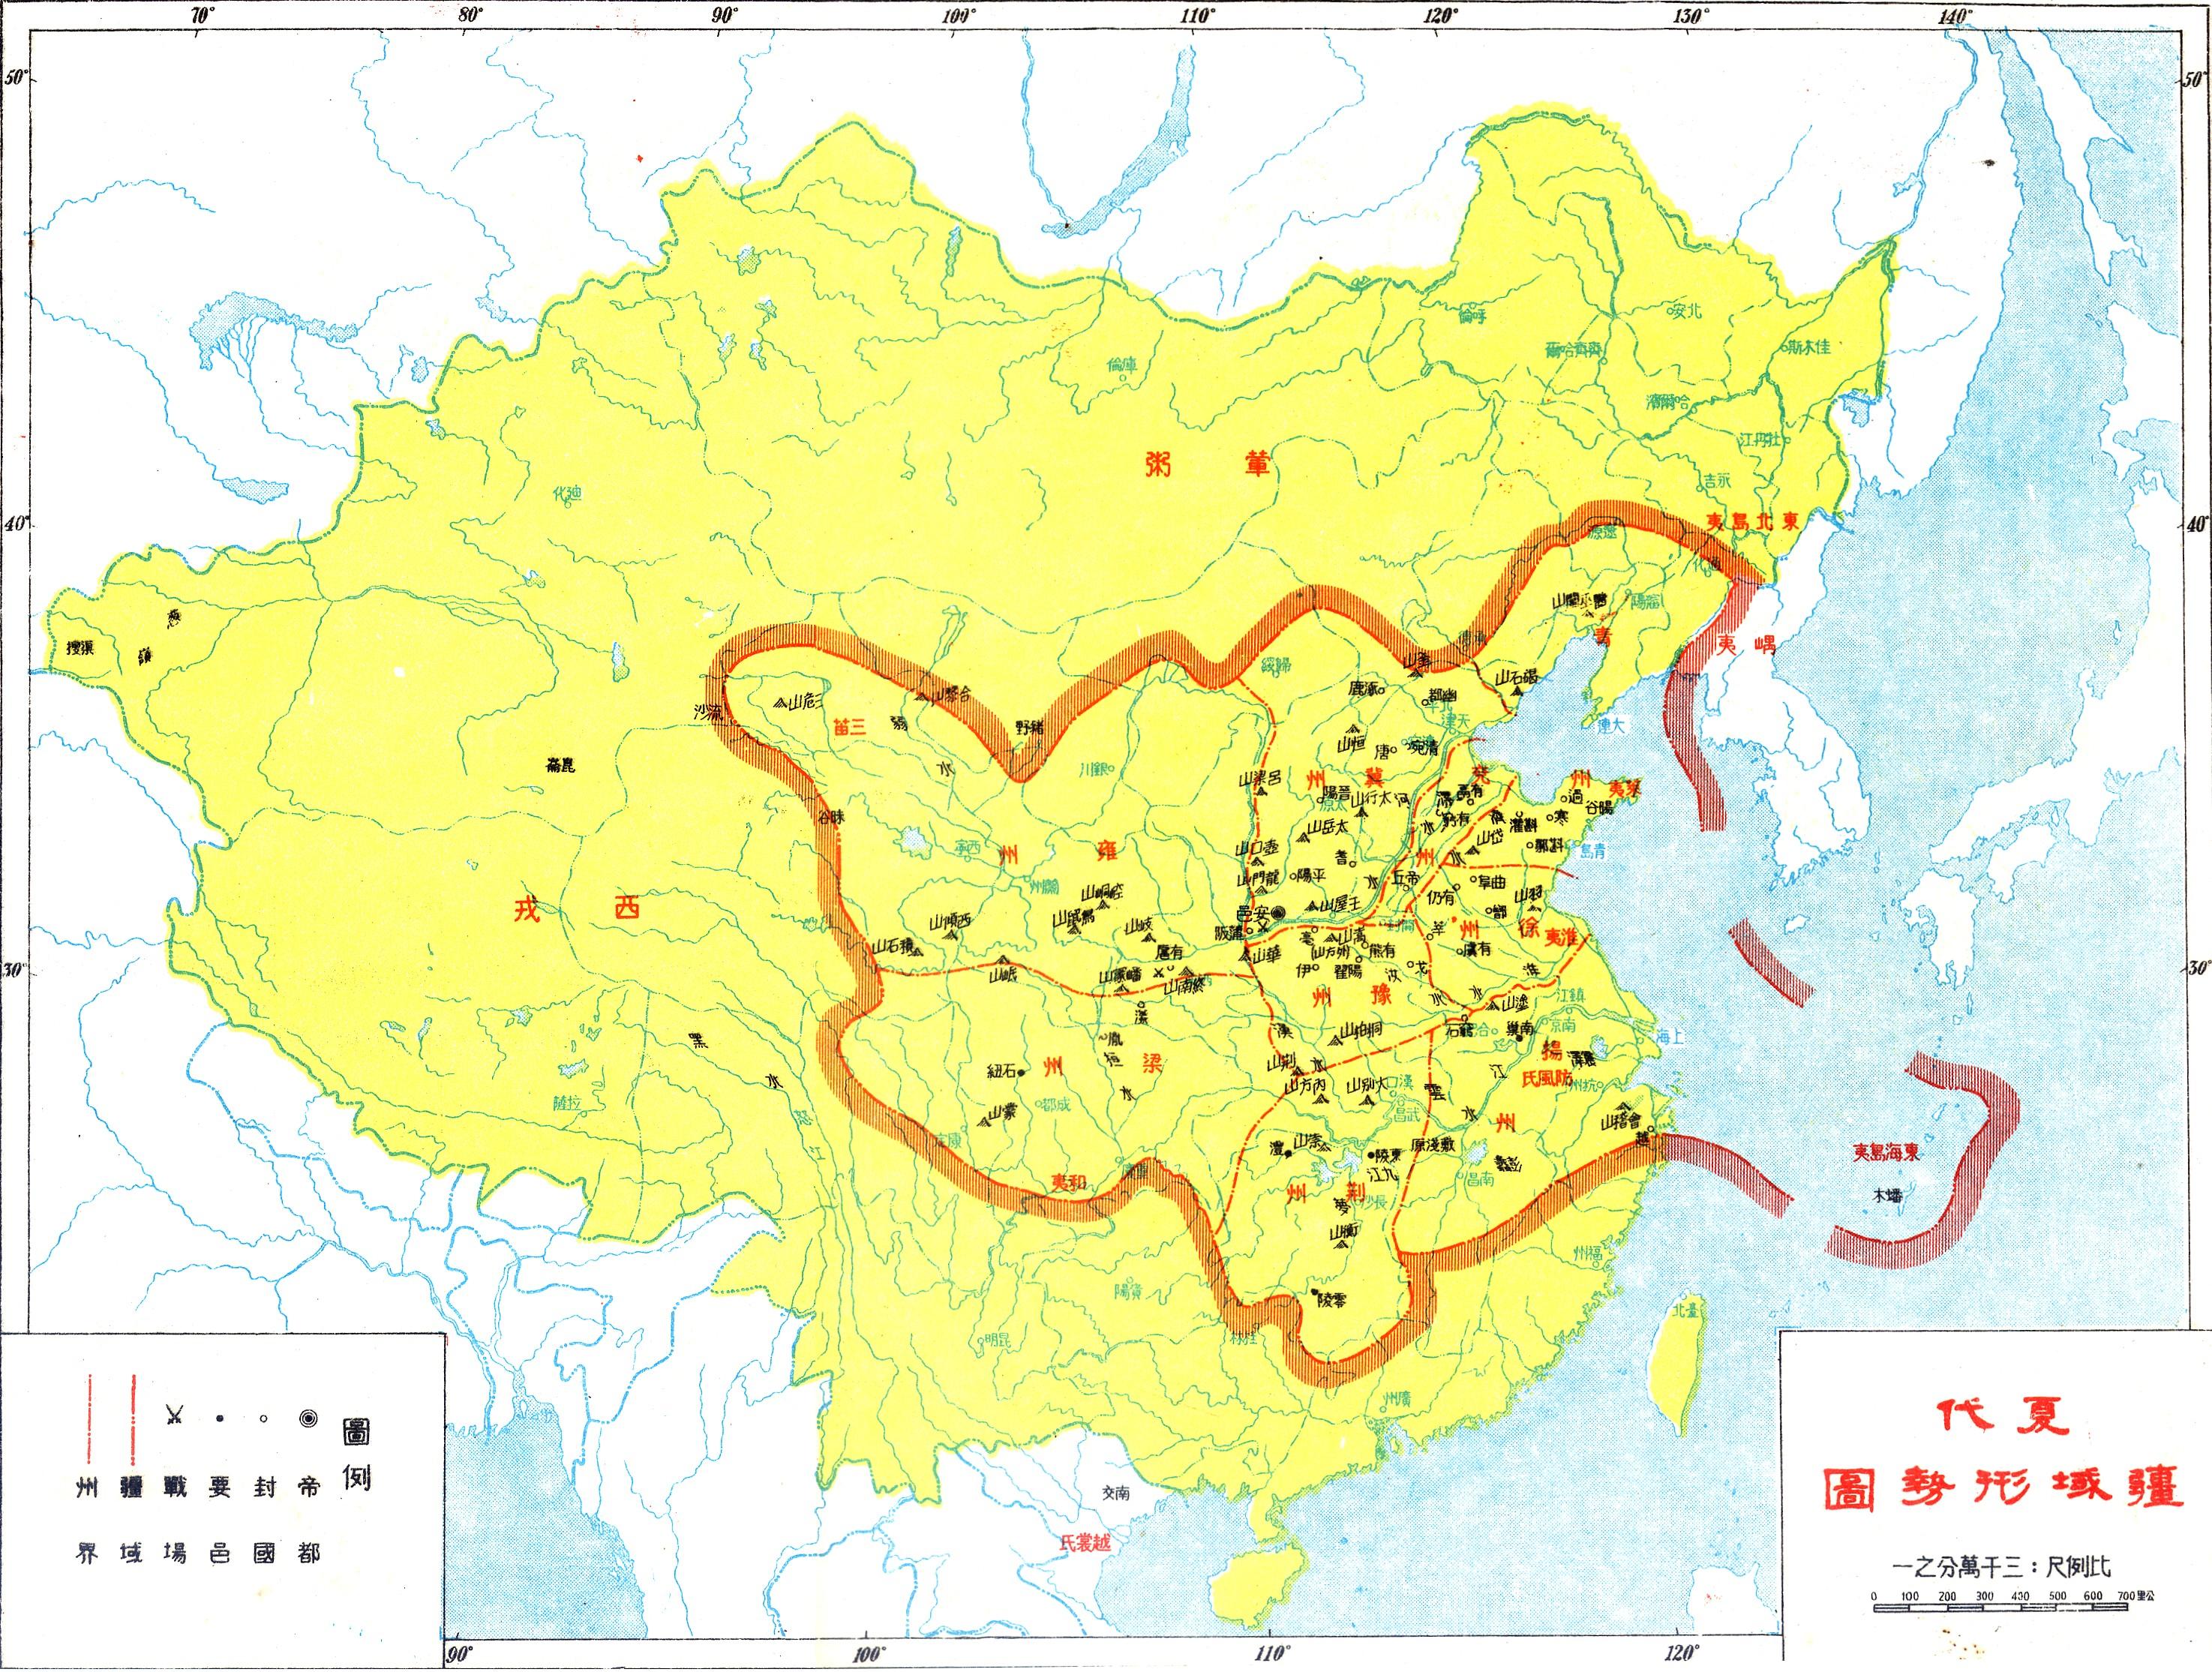 夏朝君王世系图